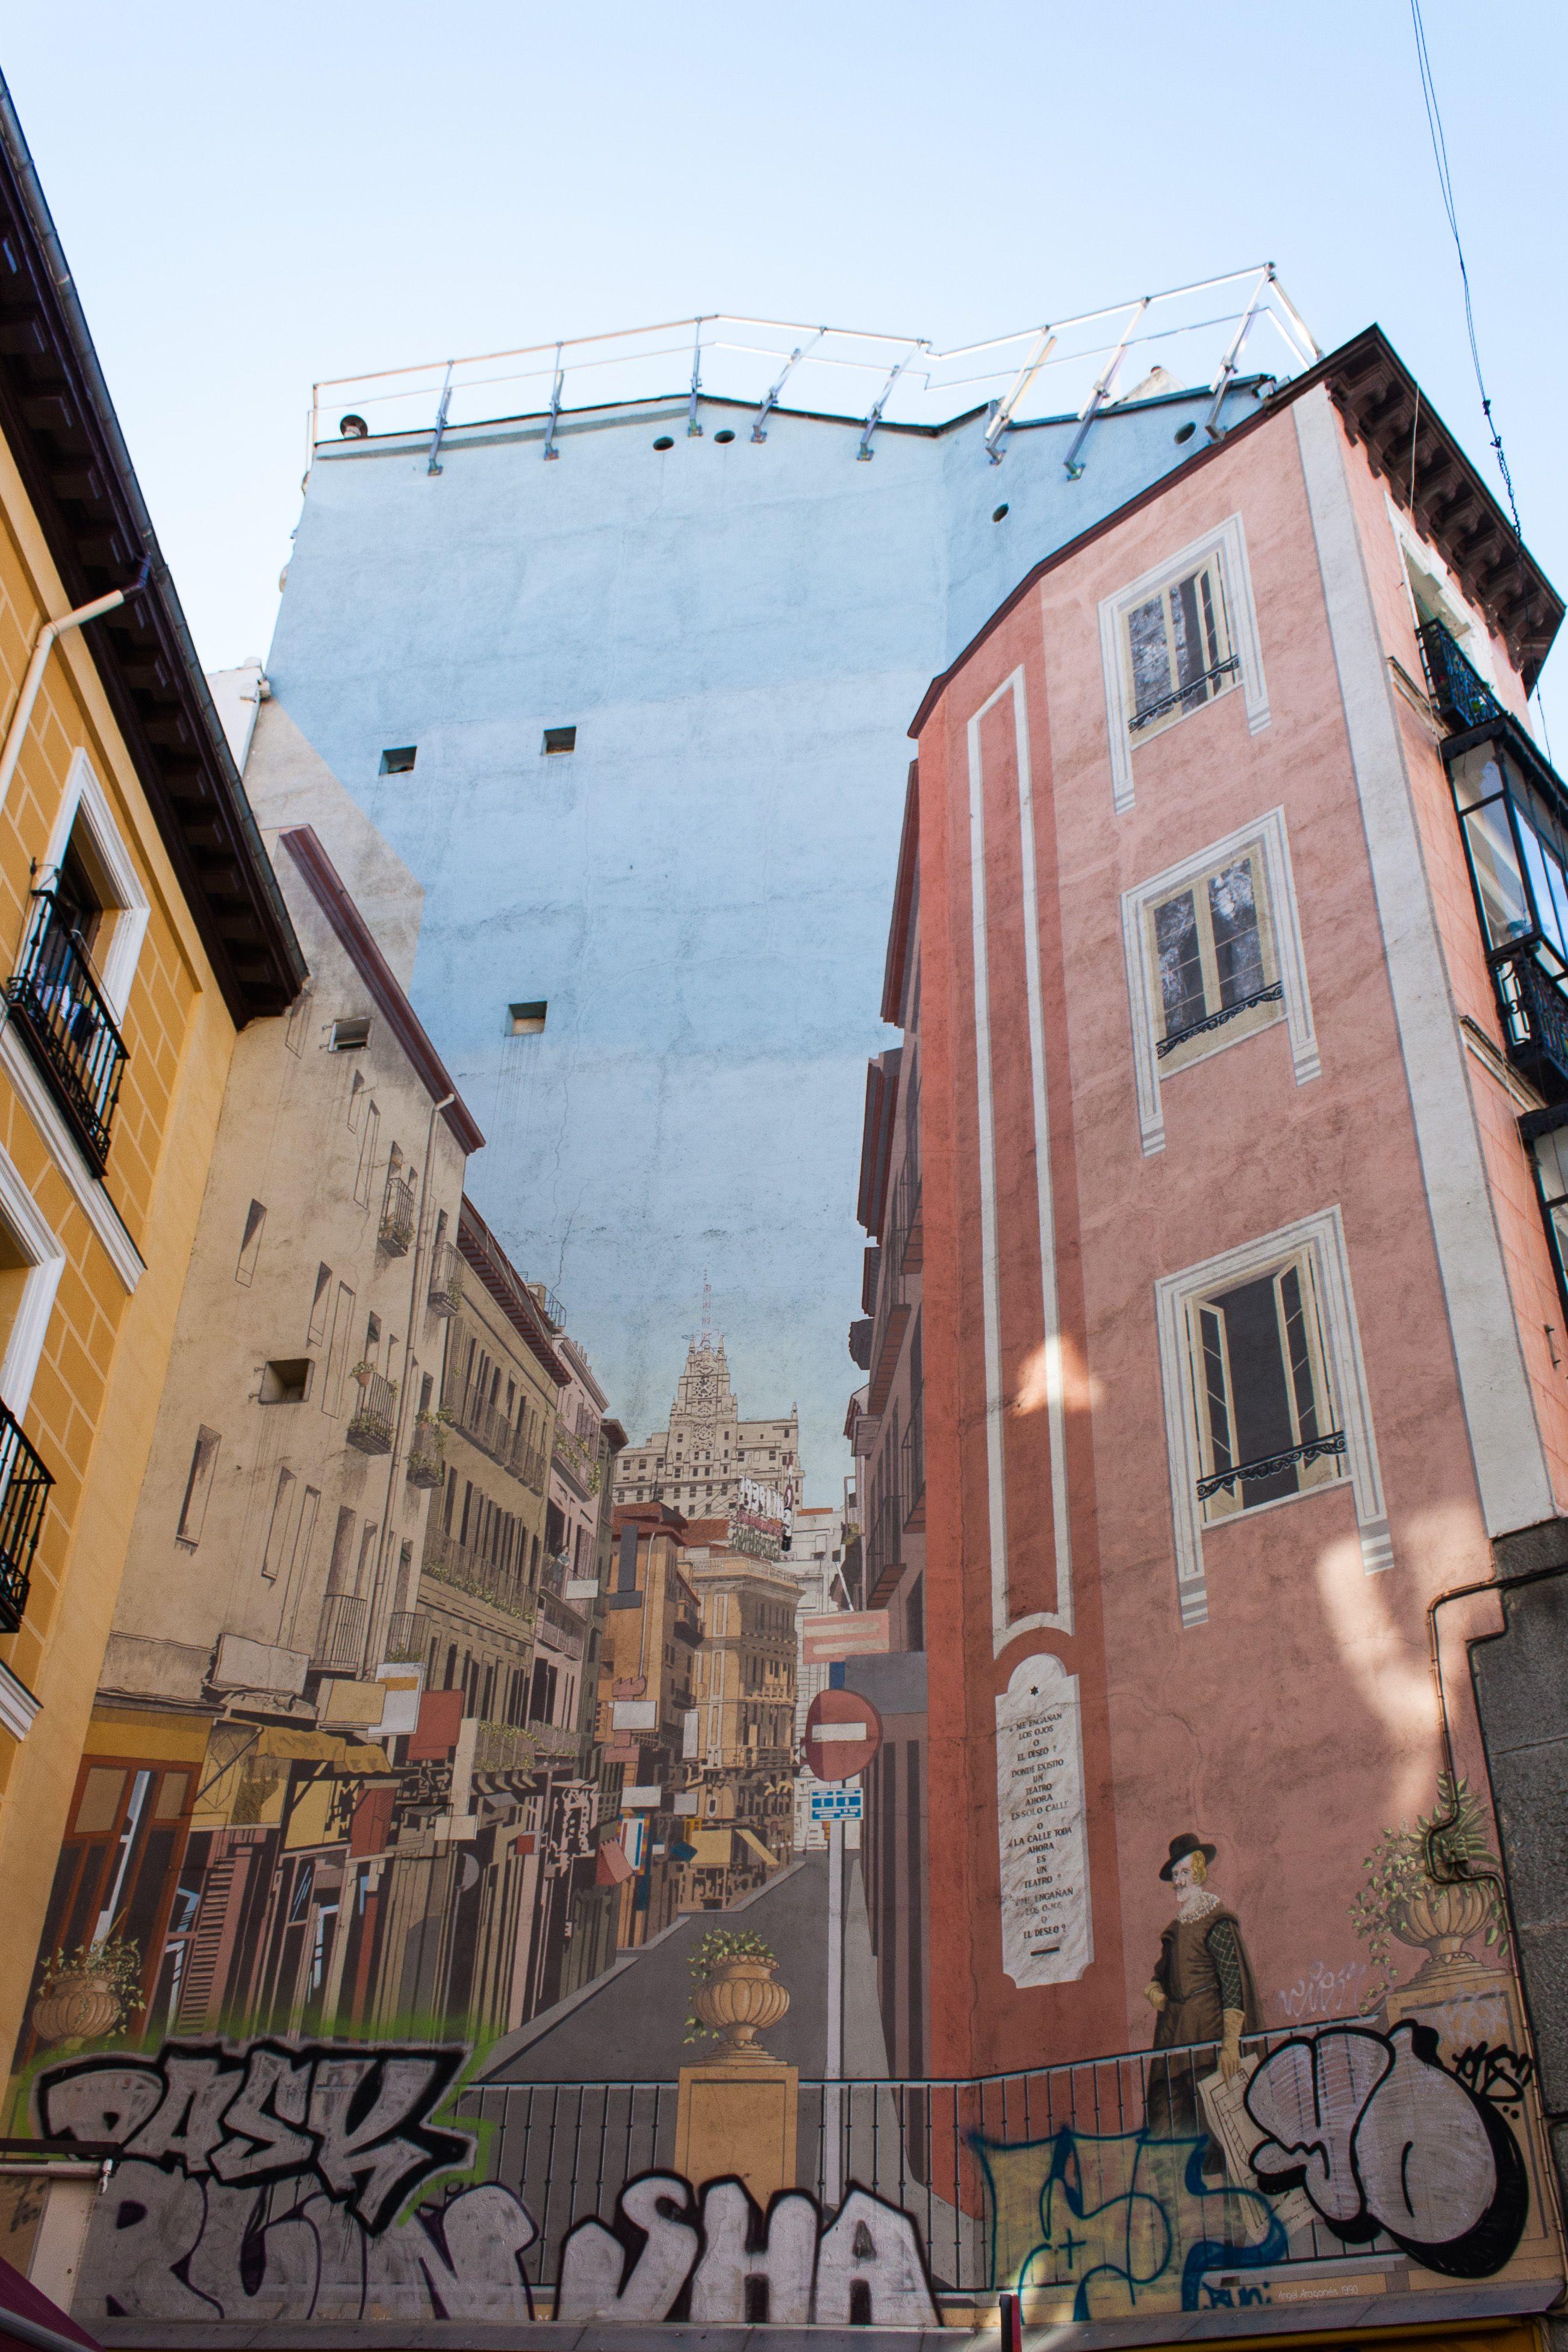 Trampantojo En Calle De La Cruz Madrid Madre Fotos Calle